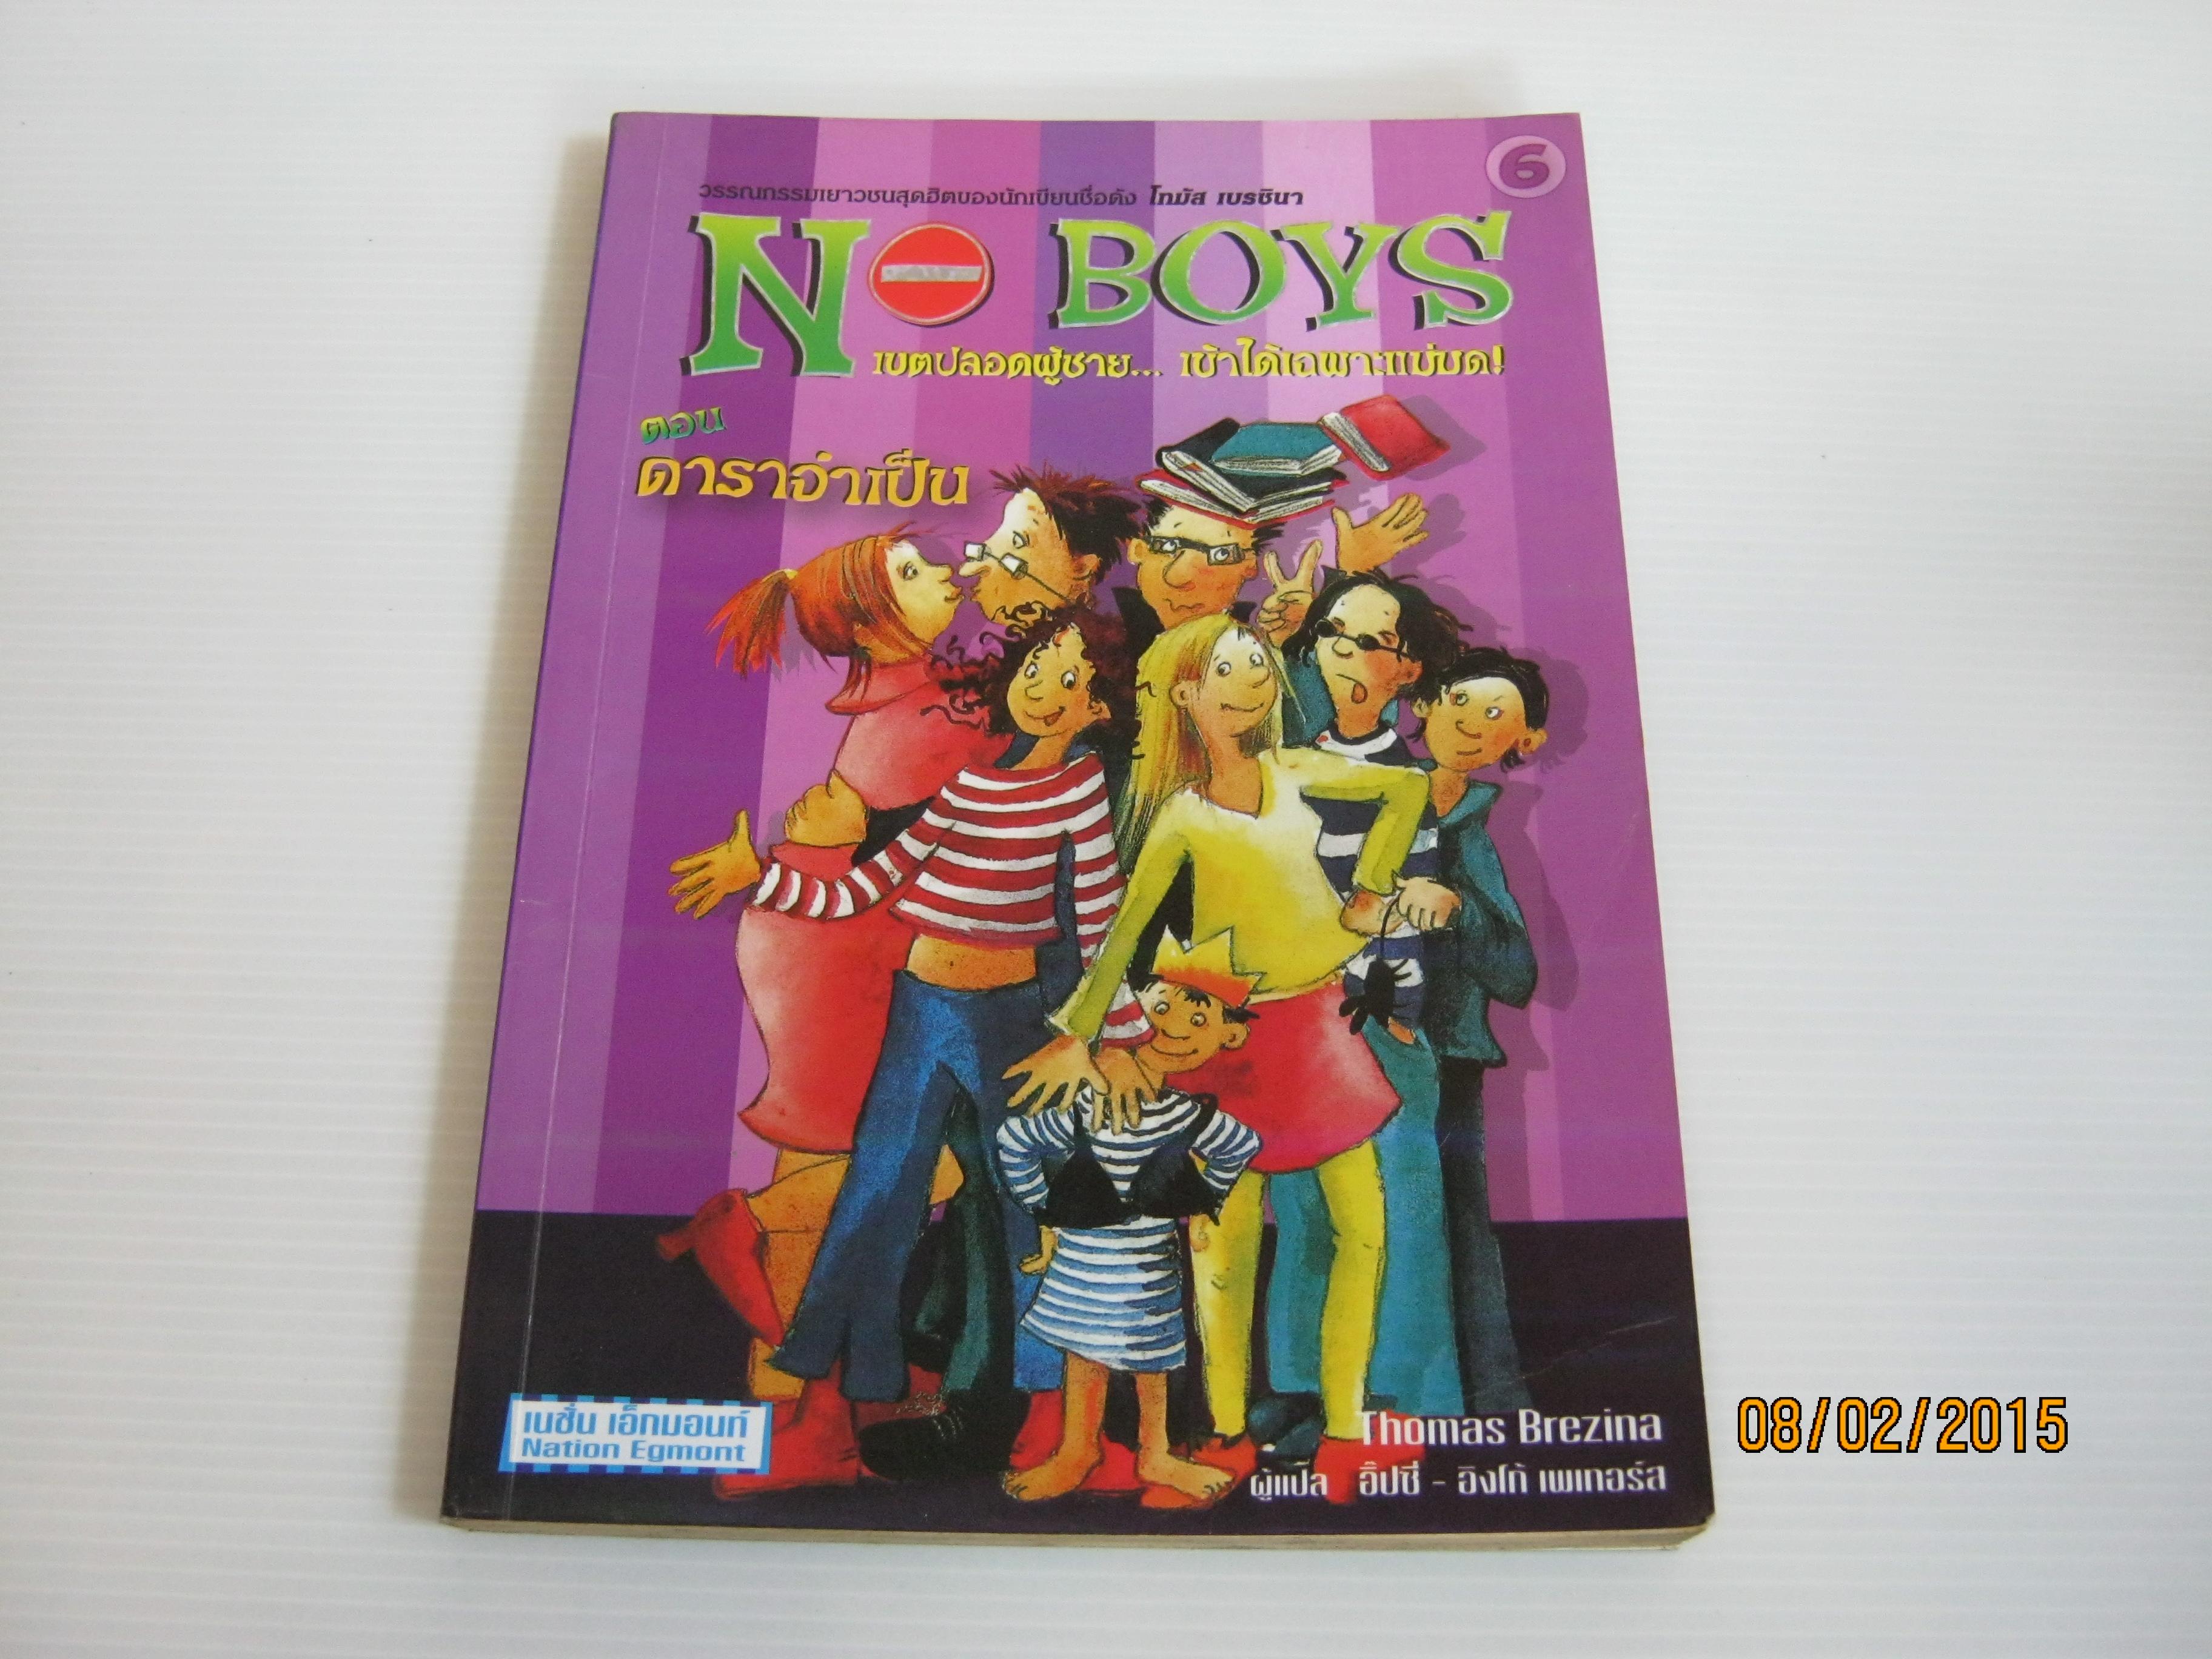 NO BOYS เขตปลอดผู้ชาย... เข้าได้เฉพาะแม่มด ! ตอน ดาราจำเป็น Thomas Brezina เขียน อิ๊ปซี่ อิงโก้ เพเทอร์ส แปล